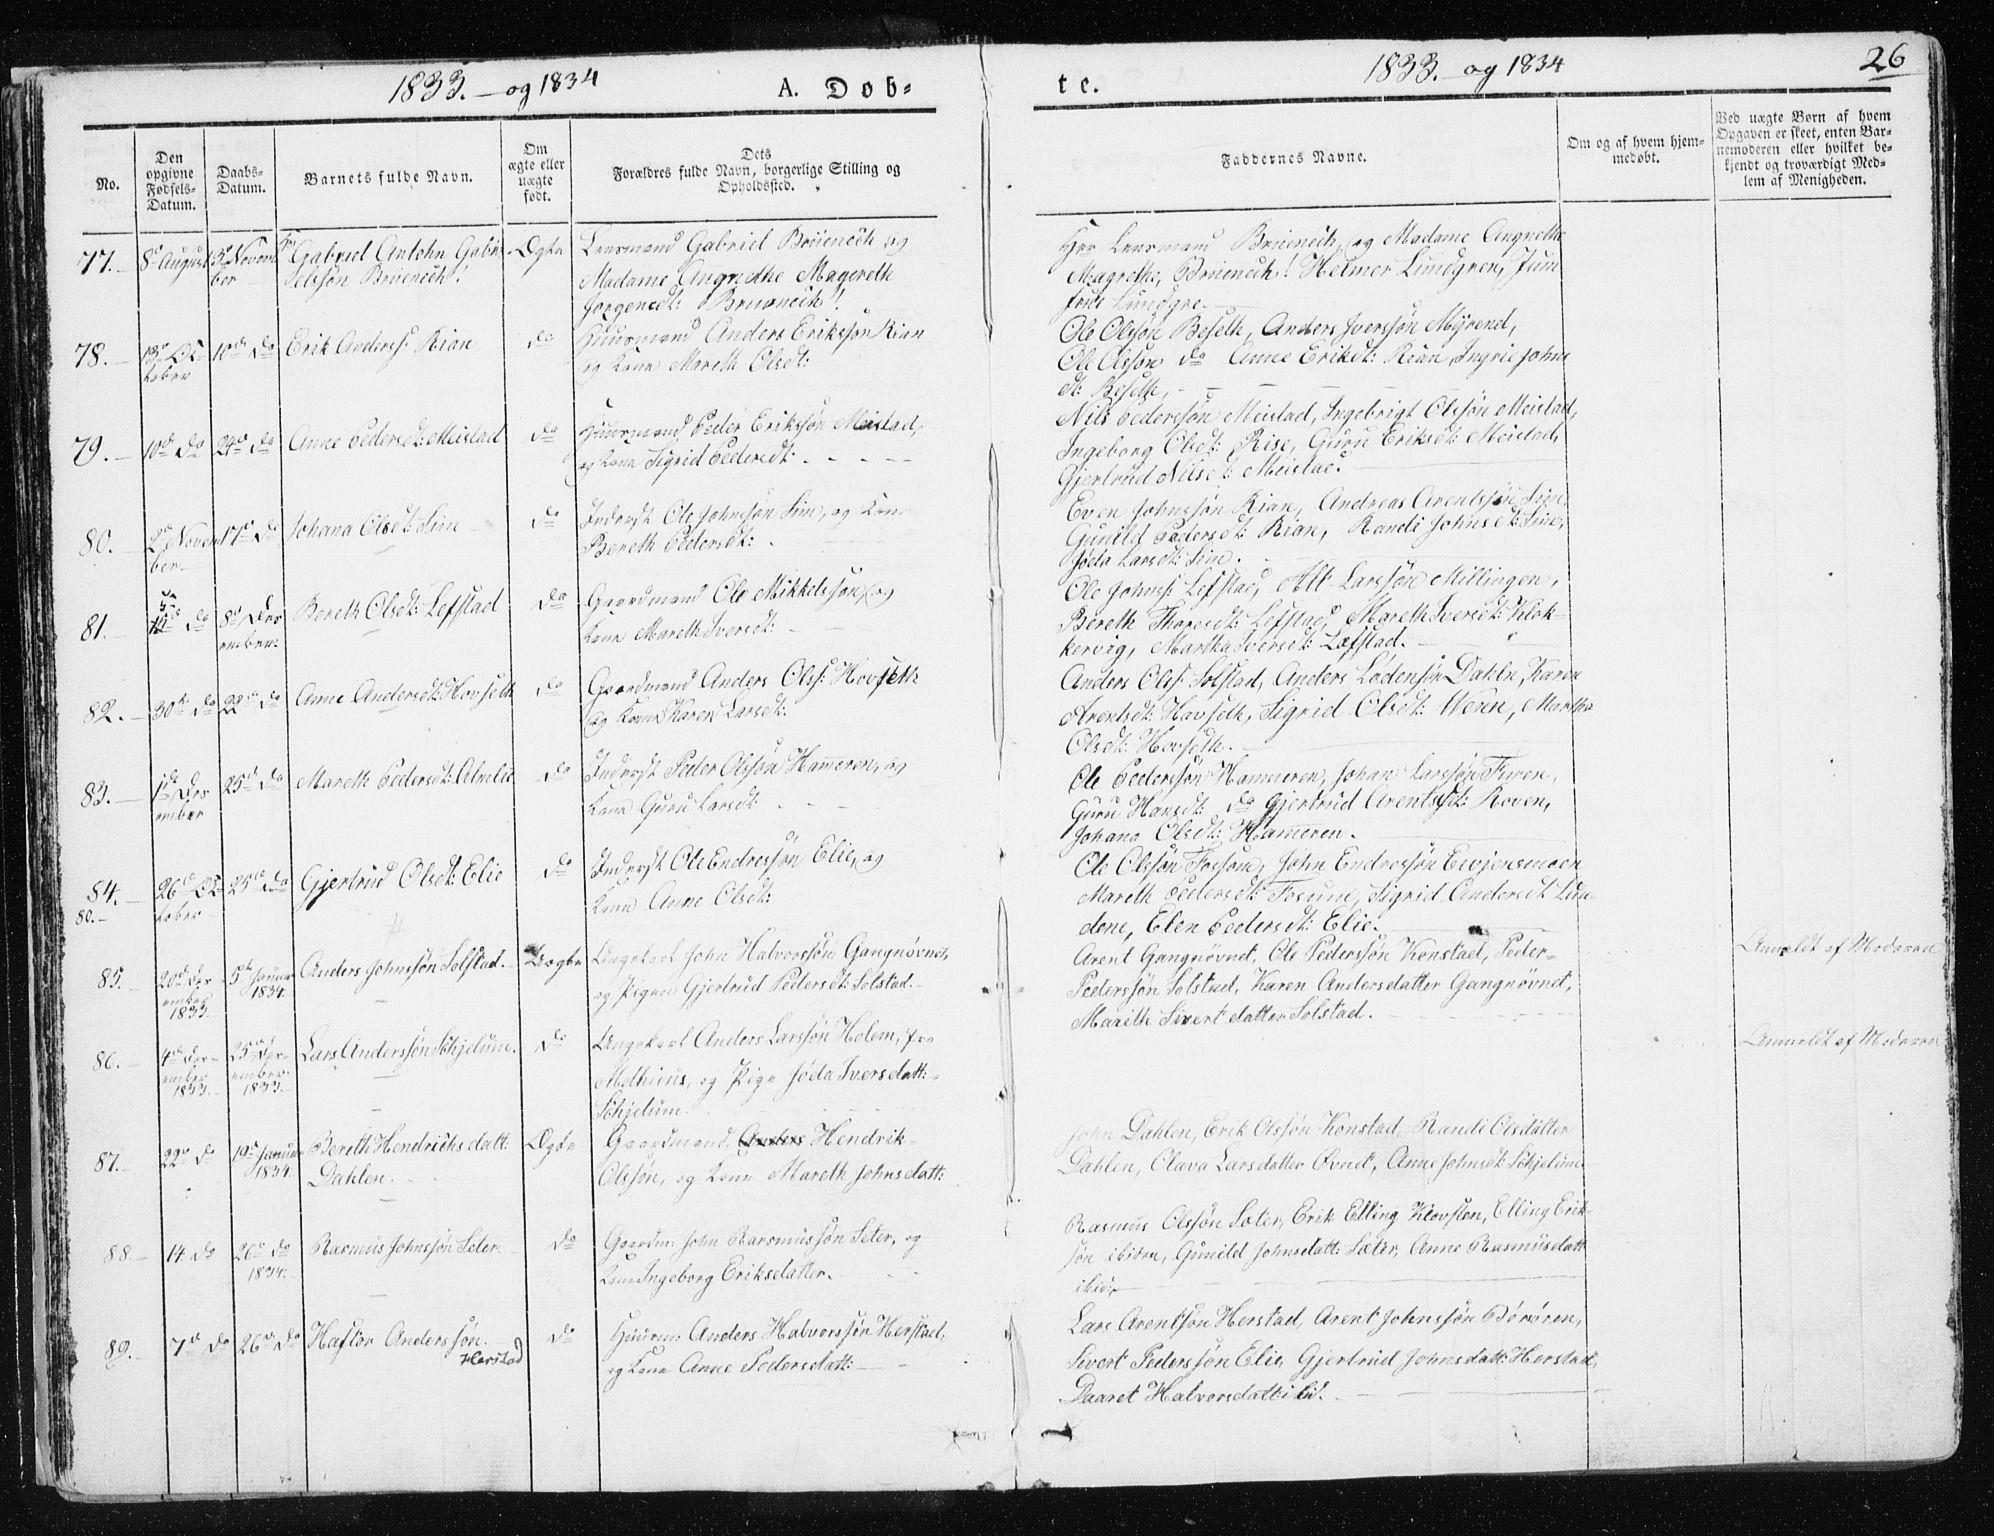 SAT, Ministerialprotokoller, klokkerbøker og fødselsregistre - Sør-Trøndelag, 665/L0771: Ministerialbok nr. 665A06, 1830-1856, s. 26